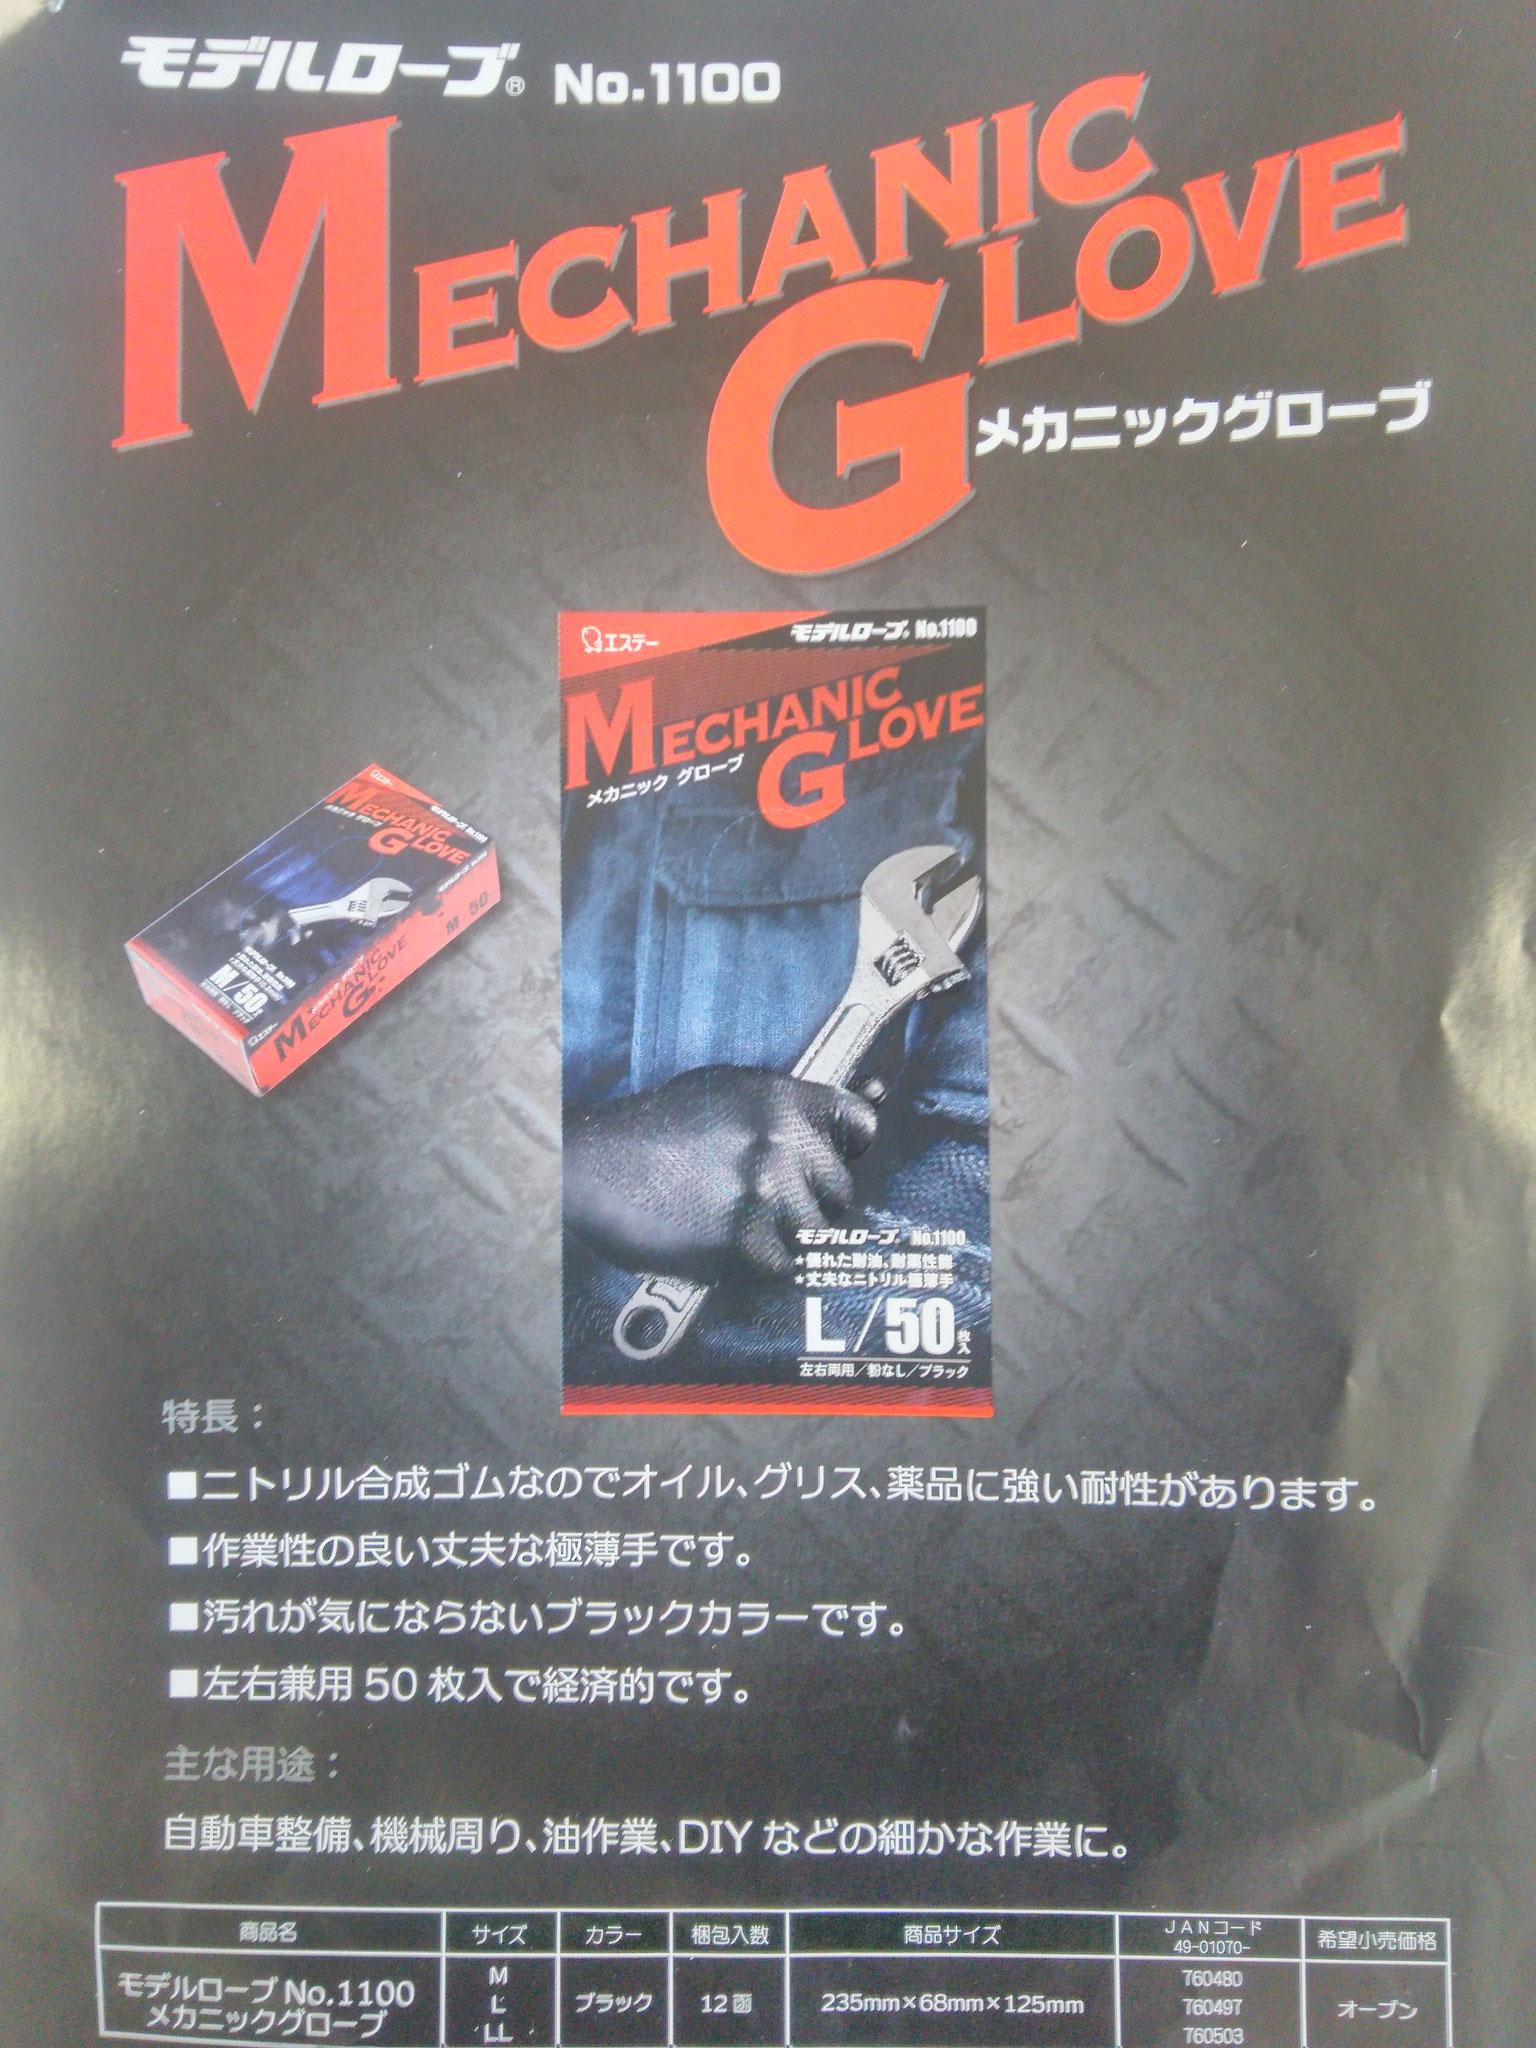 1100 メカニックグローブ 地域1番やしー価格で販売中!! 50枚入 1,490円(税込)